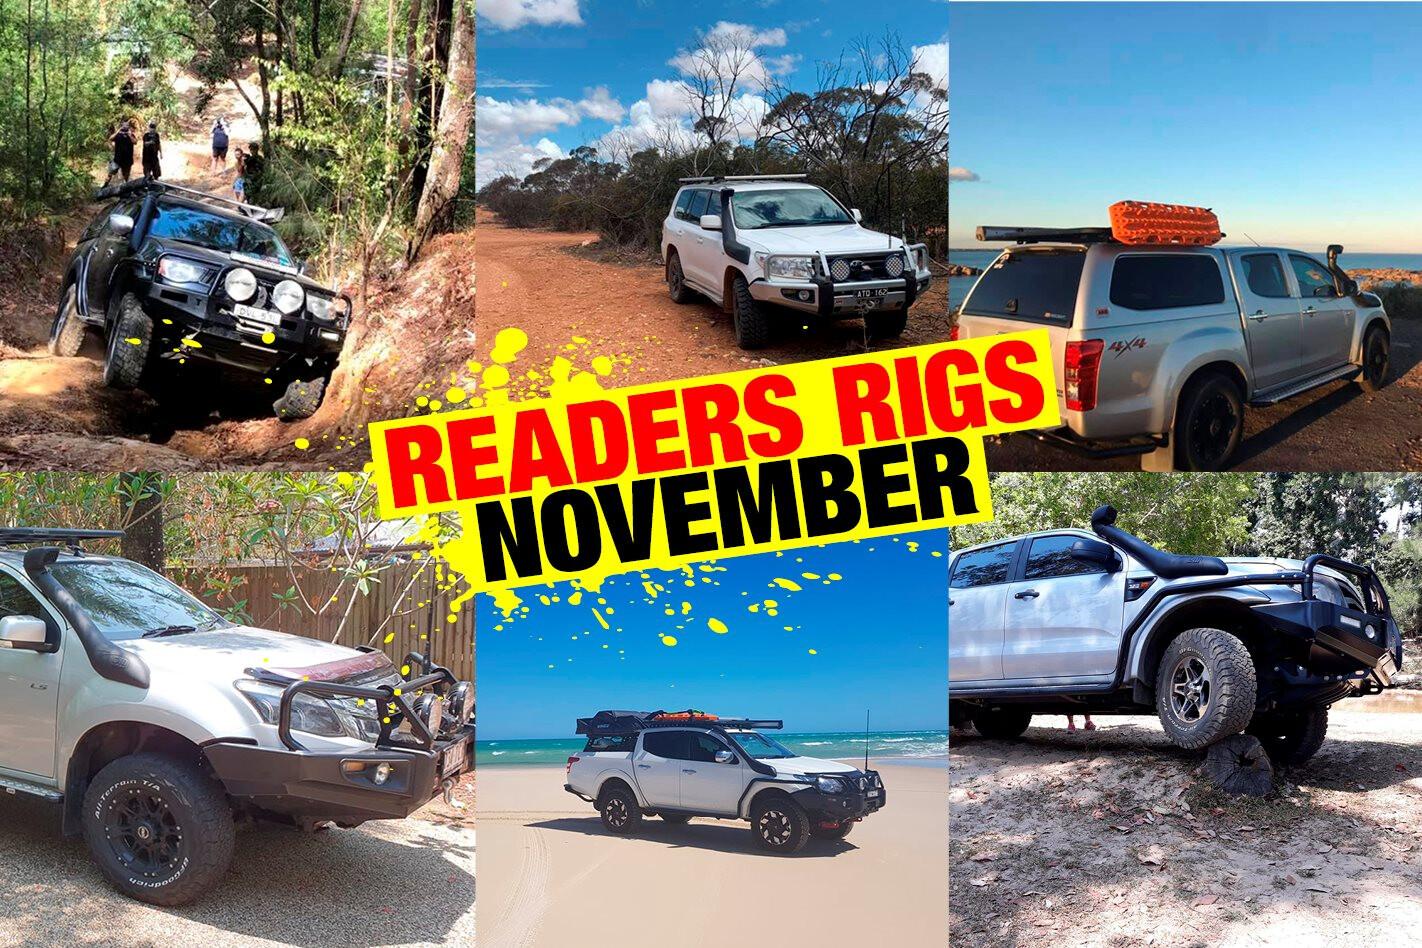 Readers 4x4s November 2020